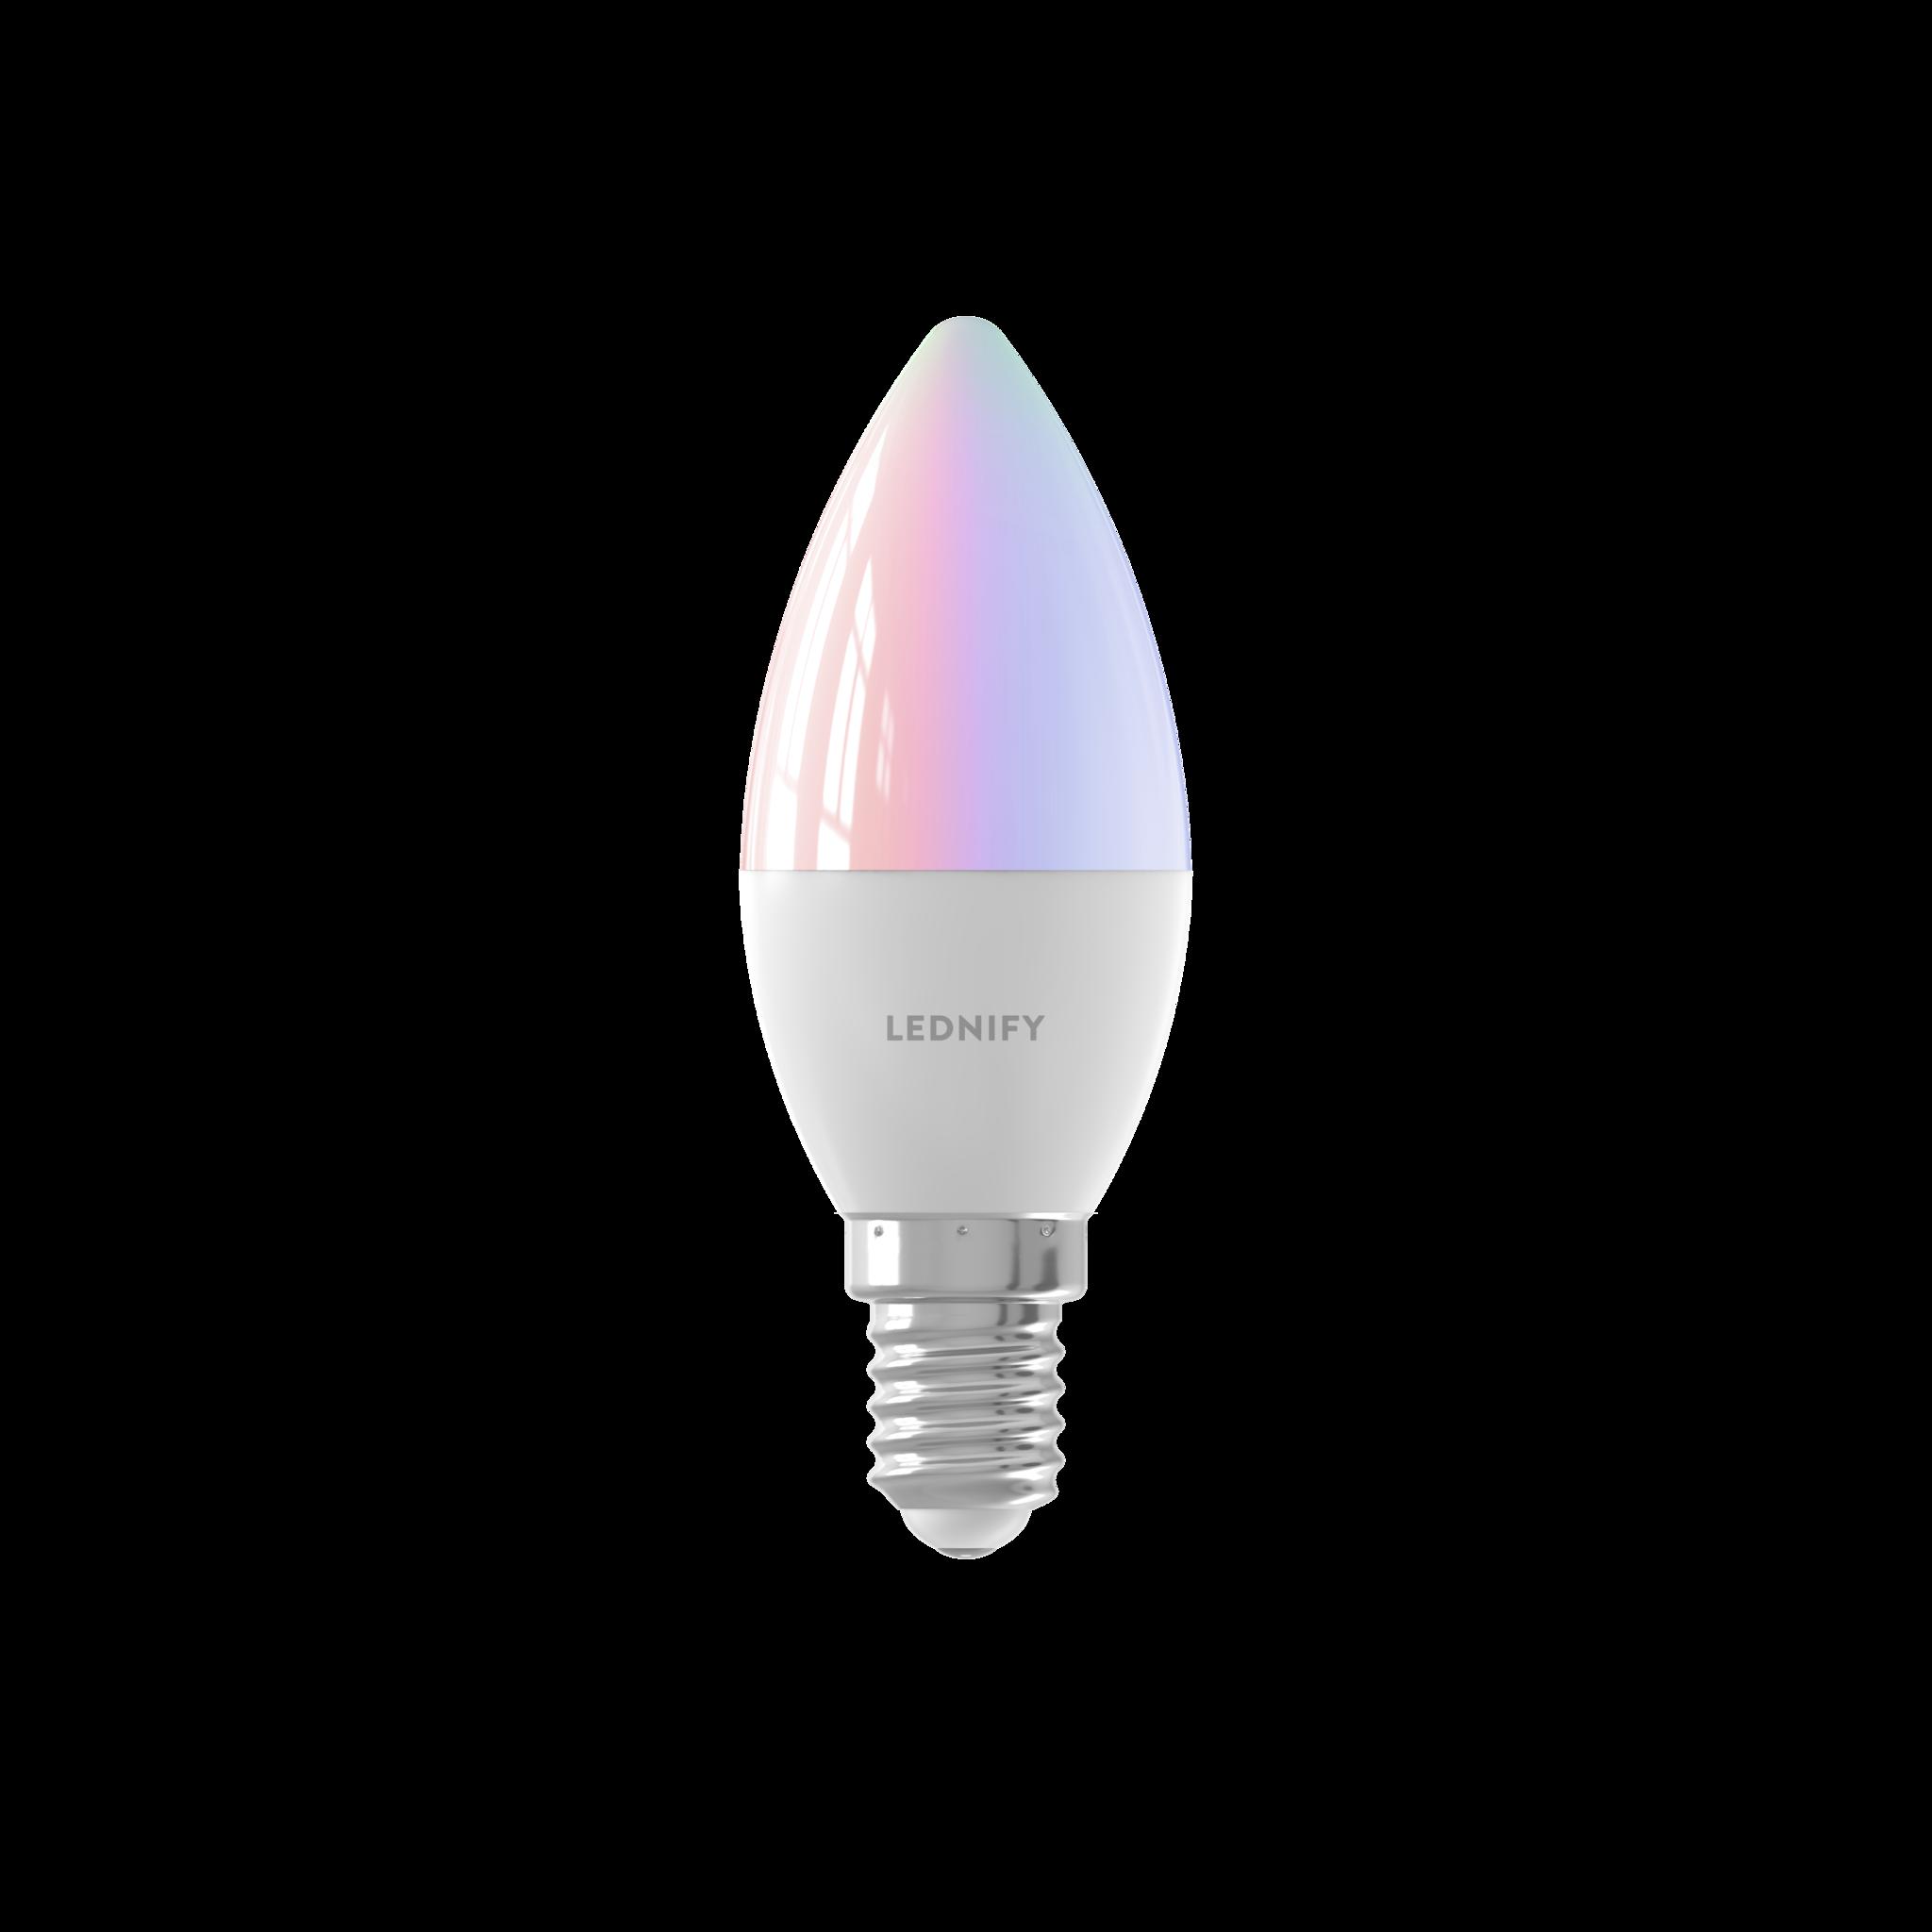 Lednify (WiZ Connected)